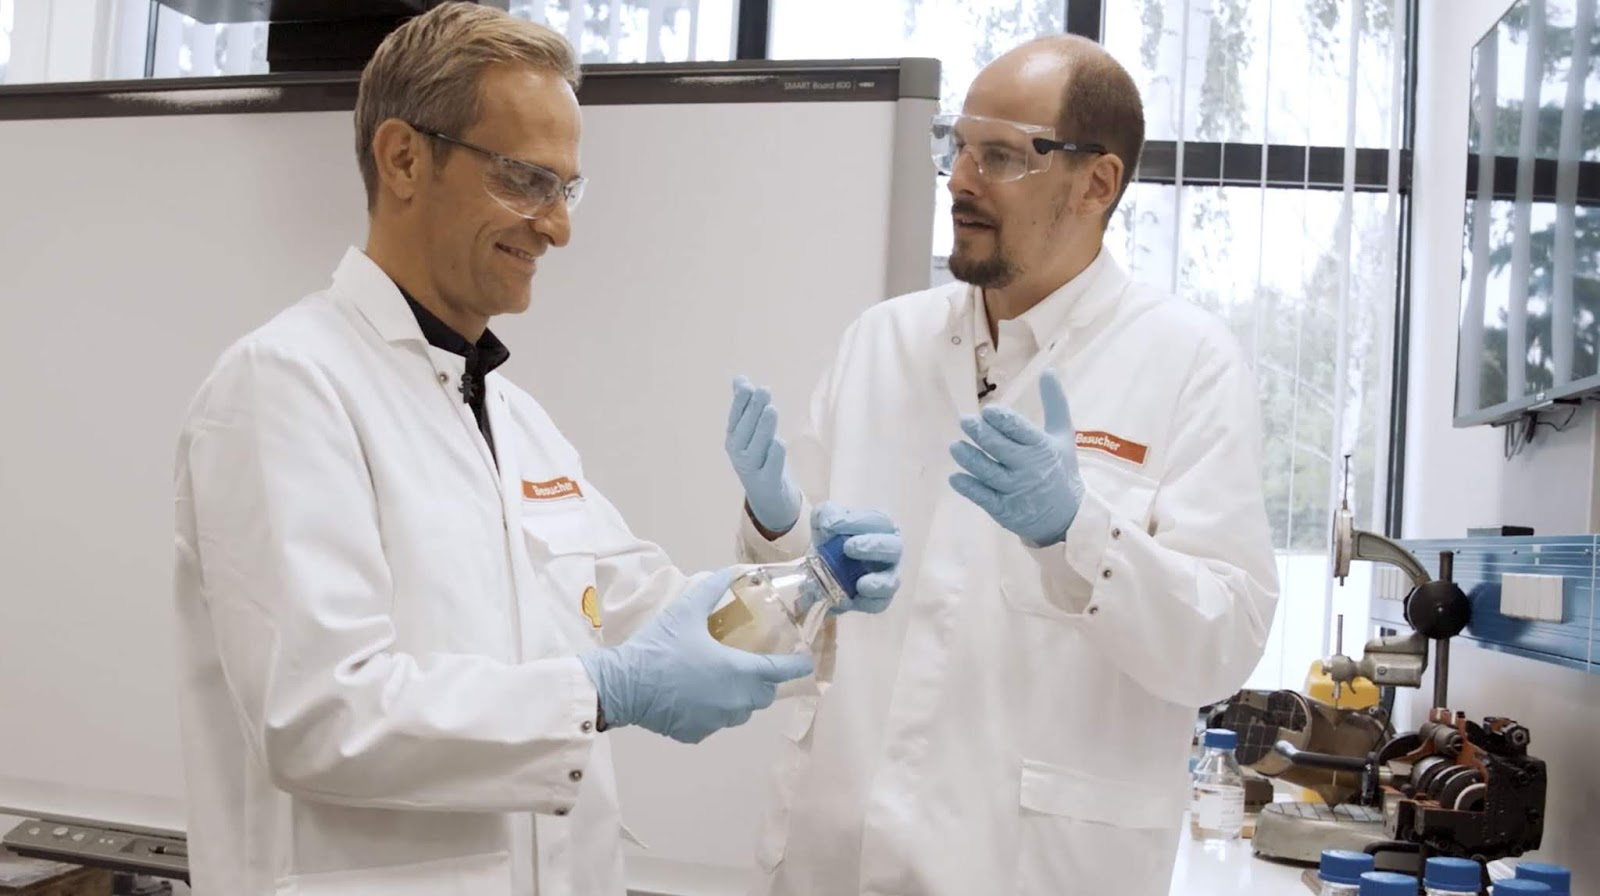 Der TV-Moderator Matthias Malmedie mit einem Video-Schnellkurs in Sachen Motorenöl | Ab ins Shell Labor nach Hamburg